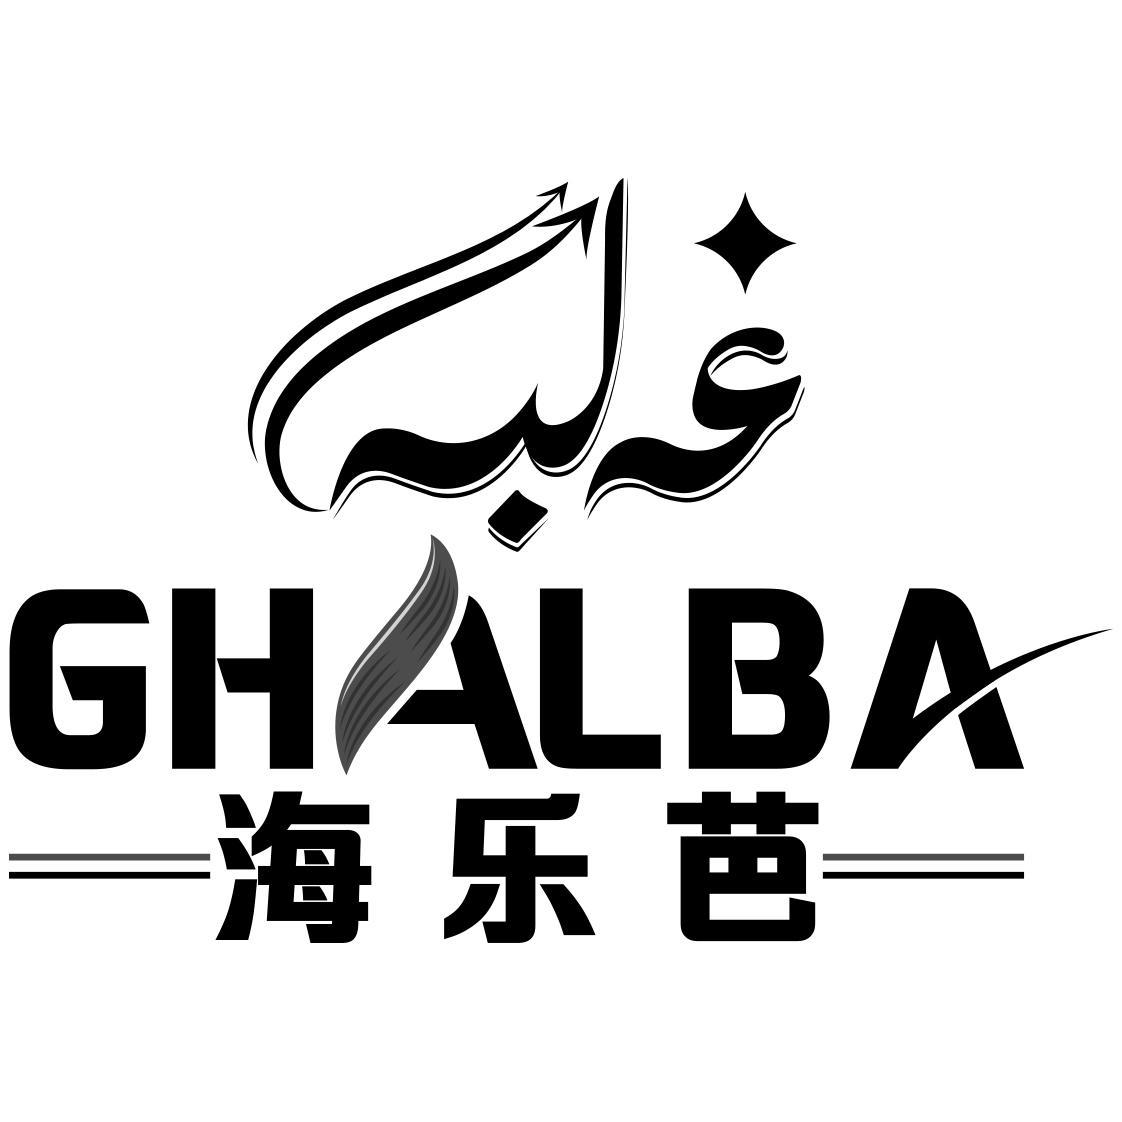 商标文字海乐芭 GHALBA商标注册号 34777822、商标申请人新疆阿布茹伊国际贸易有限公司的商标详情 - 标库网商标查询